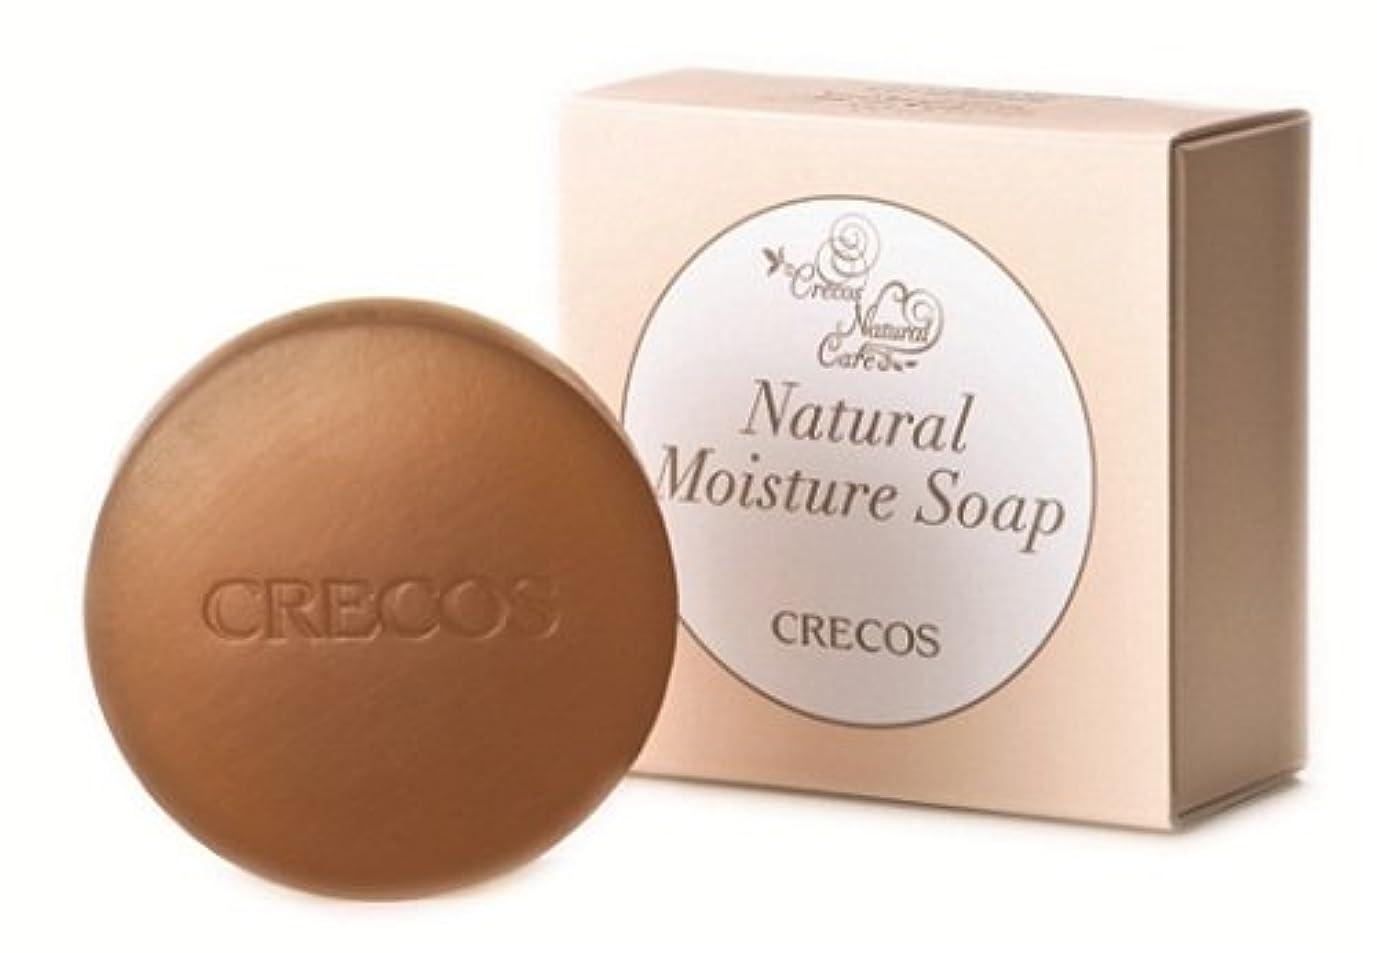 累計石鹸買い物に行くCRECOS(クレコス) ナチュラルモイスチャーソープ